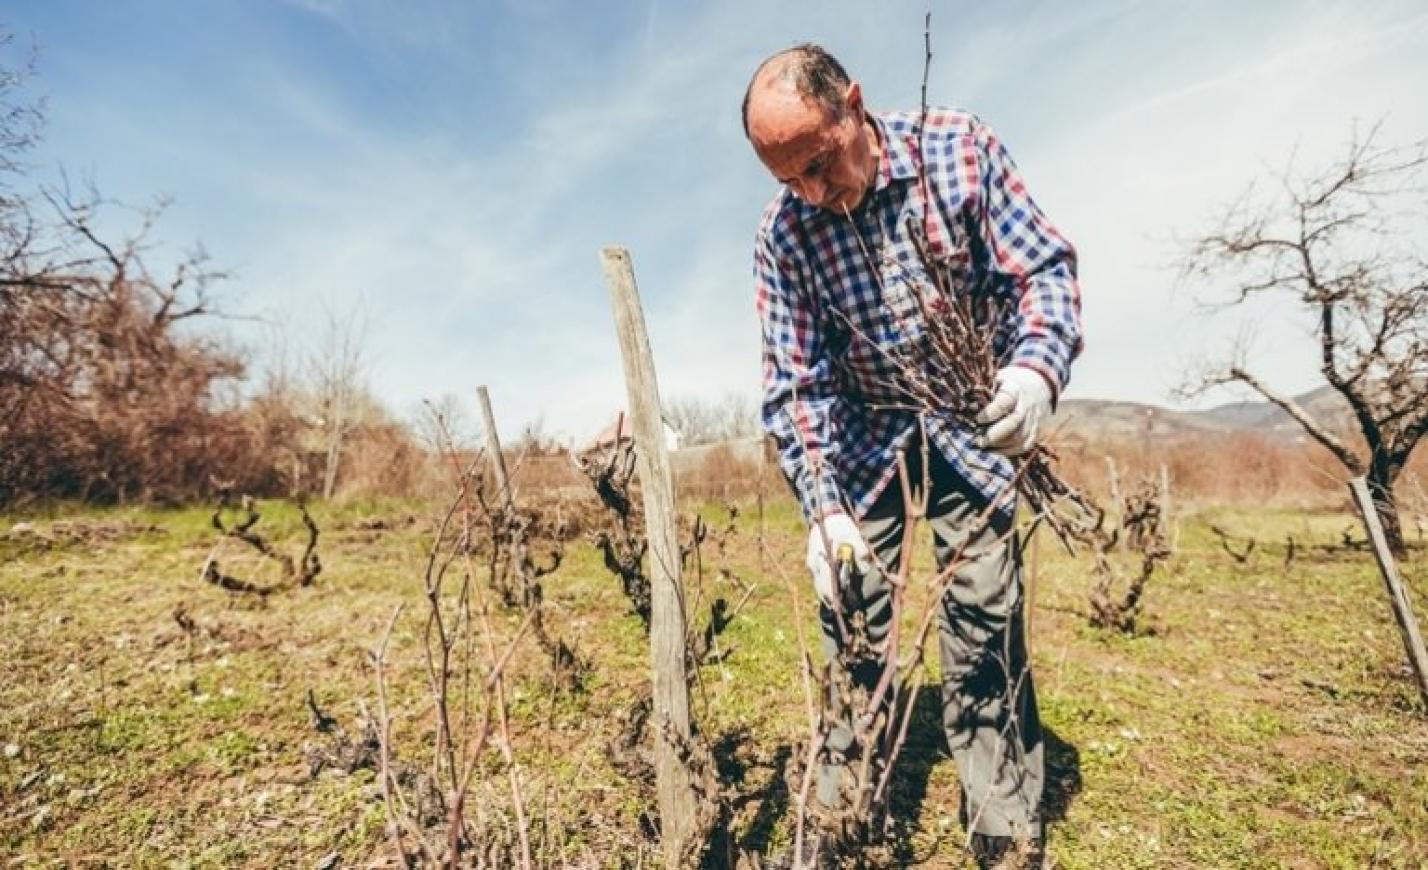 A szőlő metszése mikor történik? Szőlő metszése lugas esetében, szőlő metszése bortermelésnél